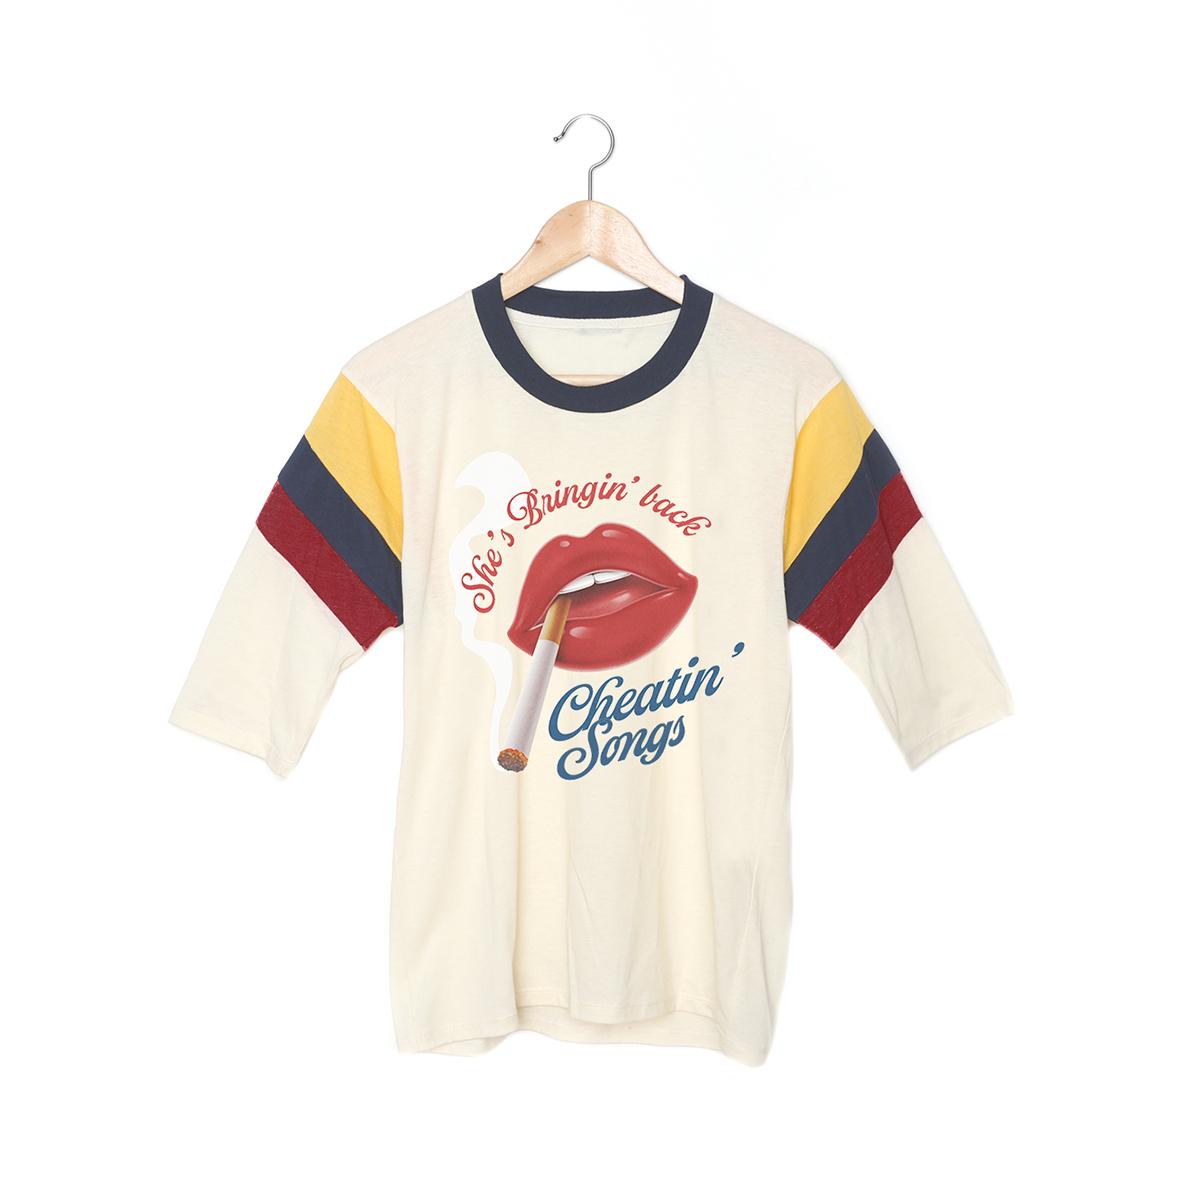 Cheatin' Songs 3/4 Sleeve T-Shirt